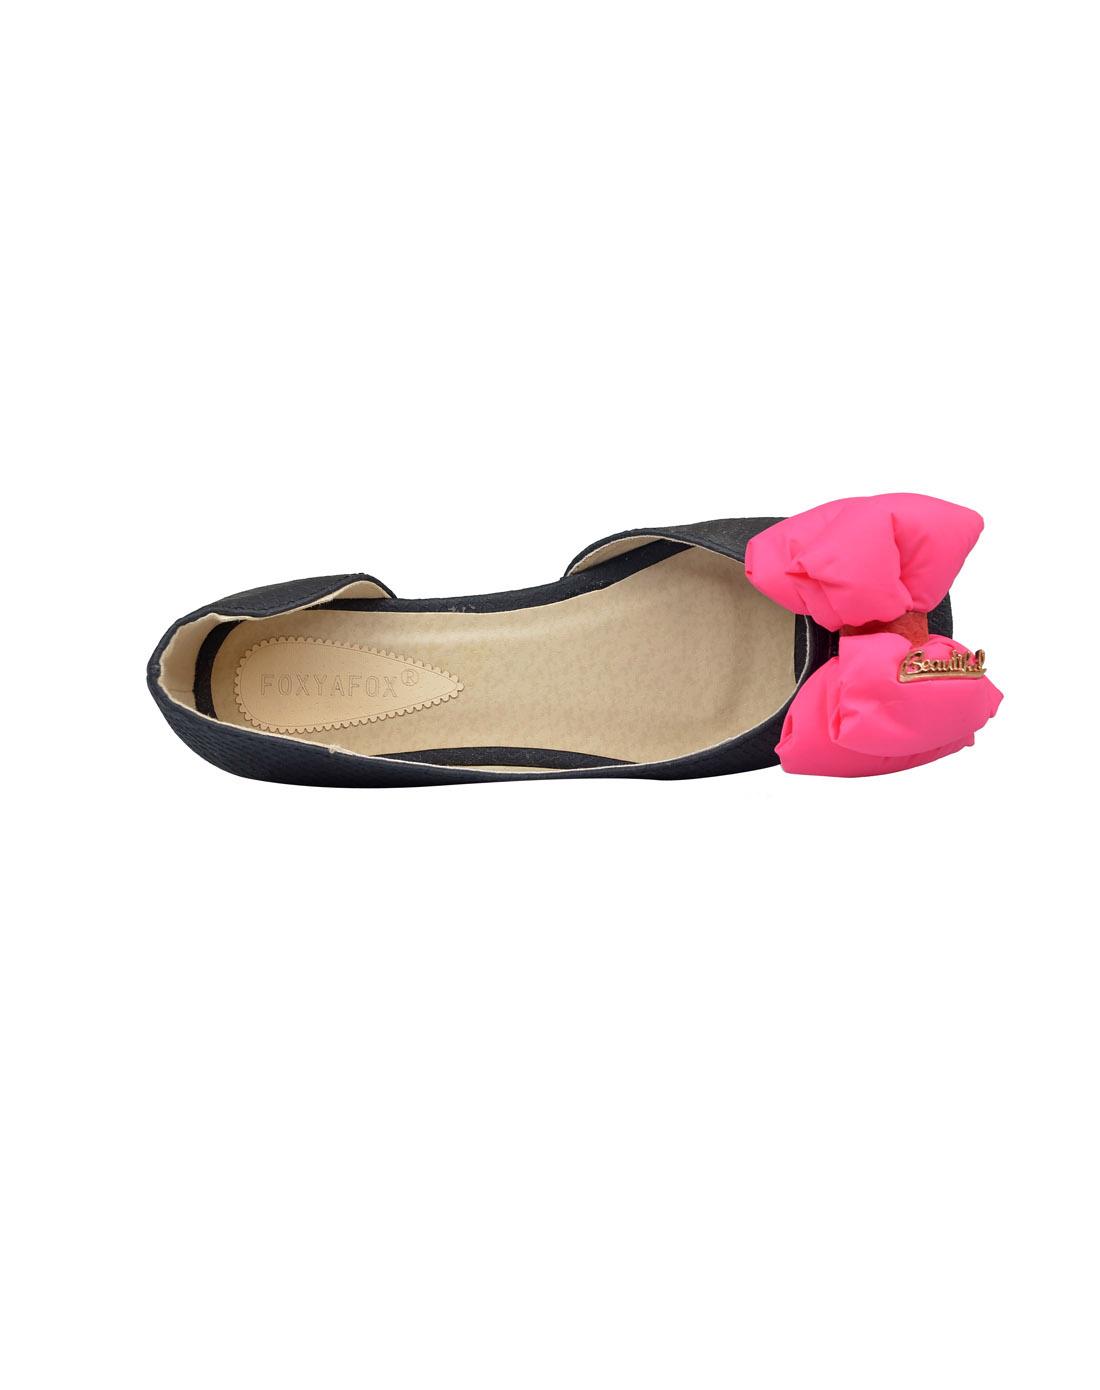 foxyafox平跟平底鱼嘴鞋f998